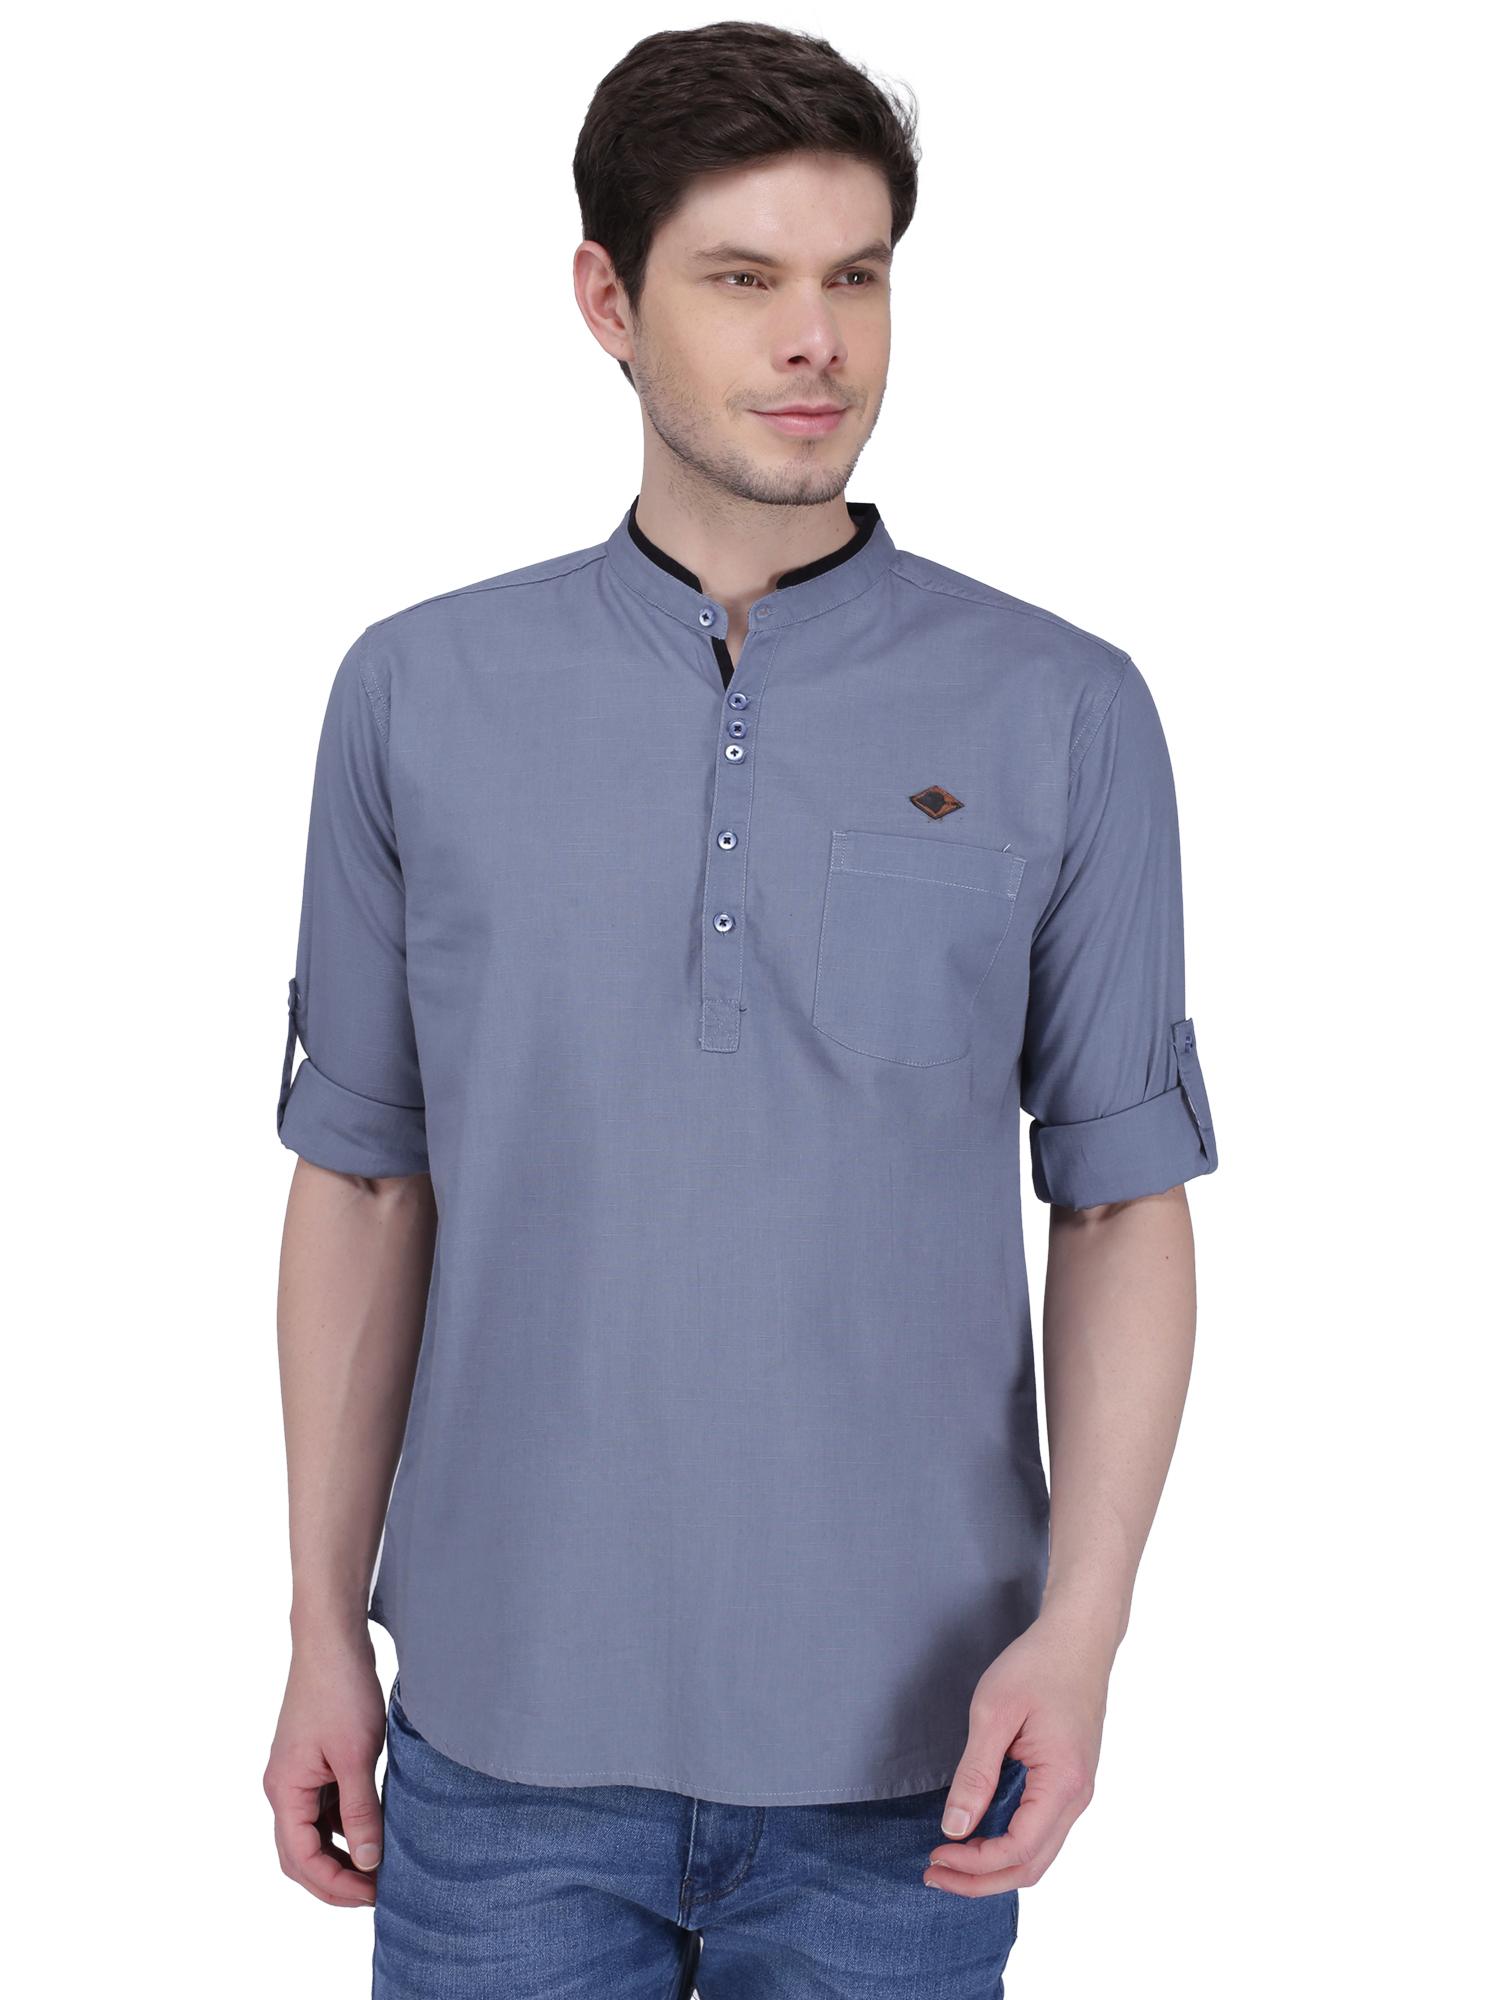 Kuons Avenue | Kuons Avenue Men's Iron Grey Linen Cotton Short Kurta- KACLFS1314GY